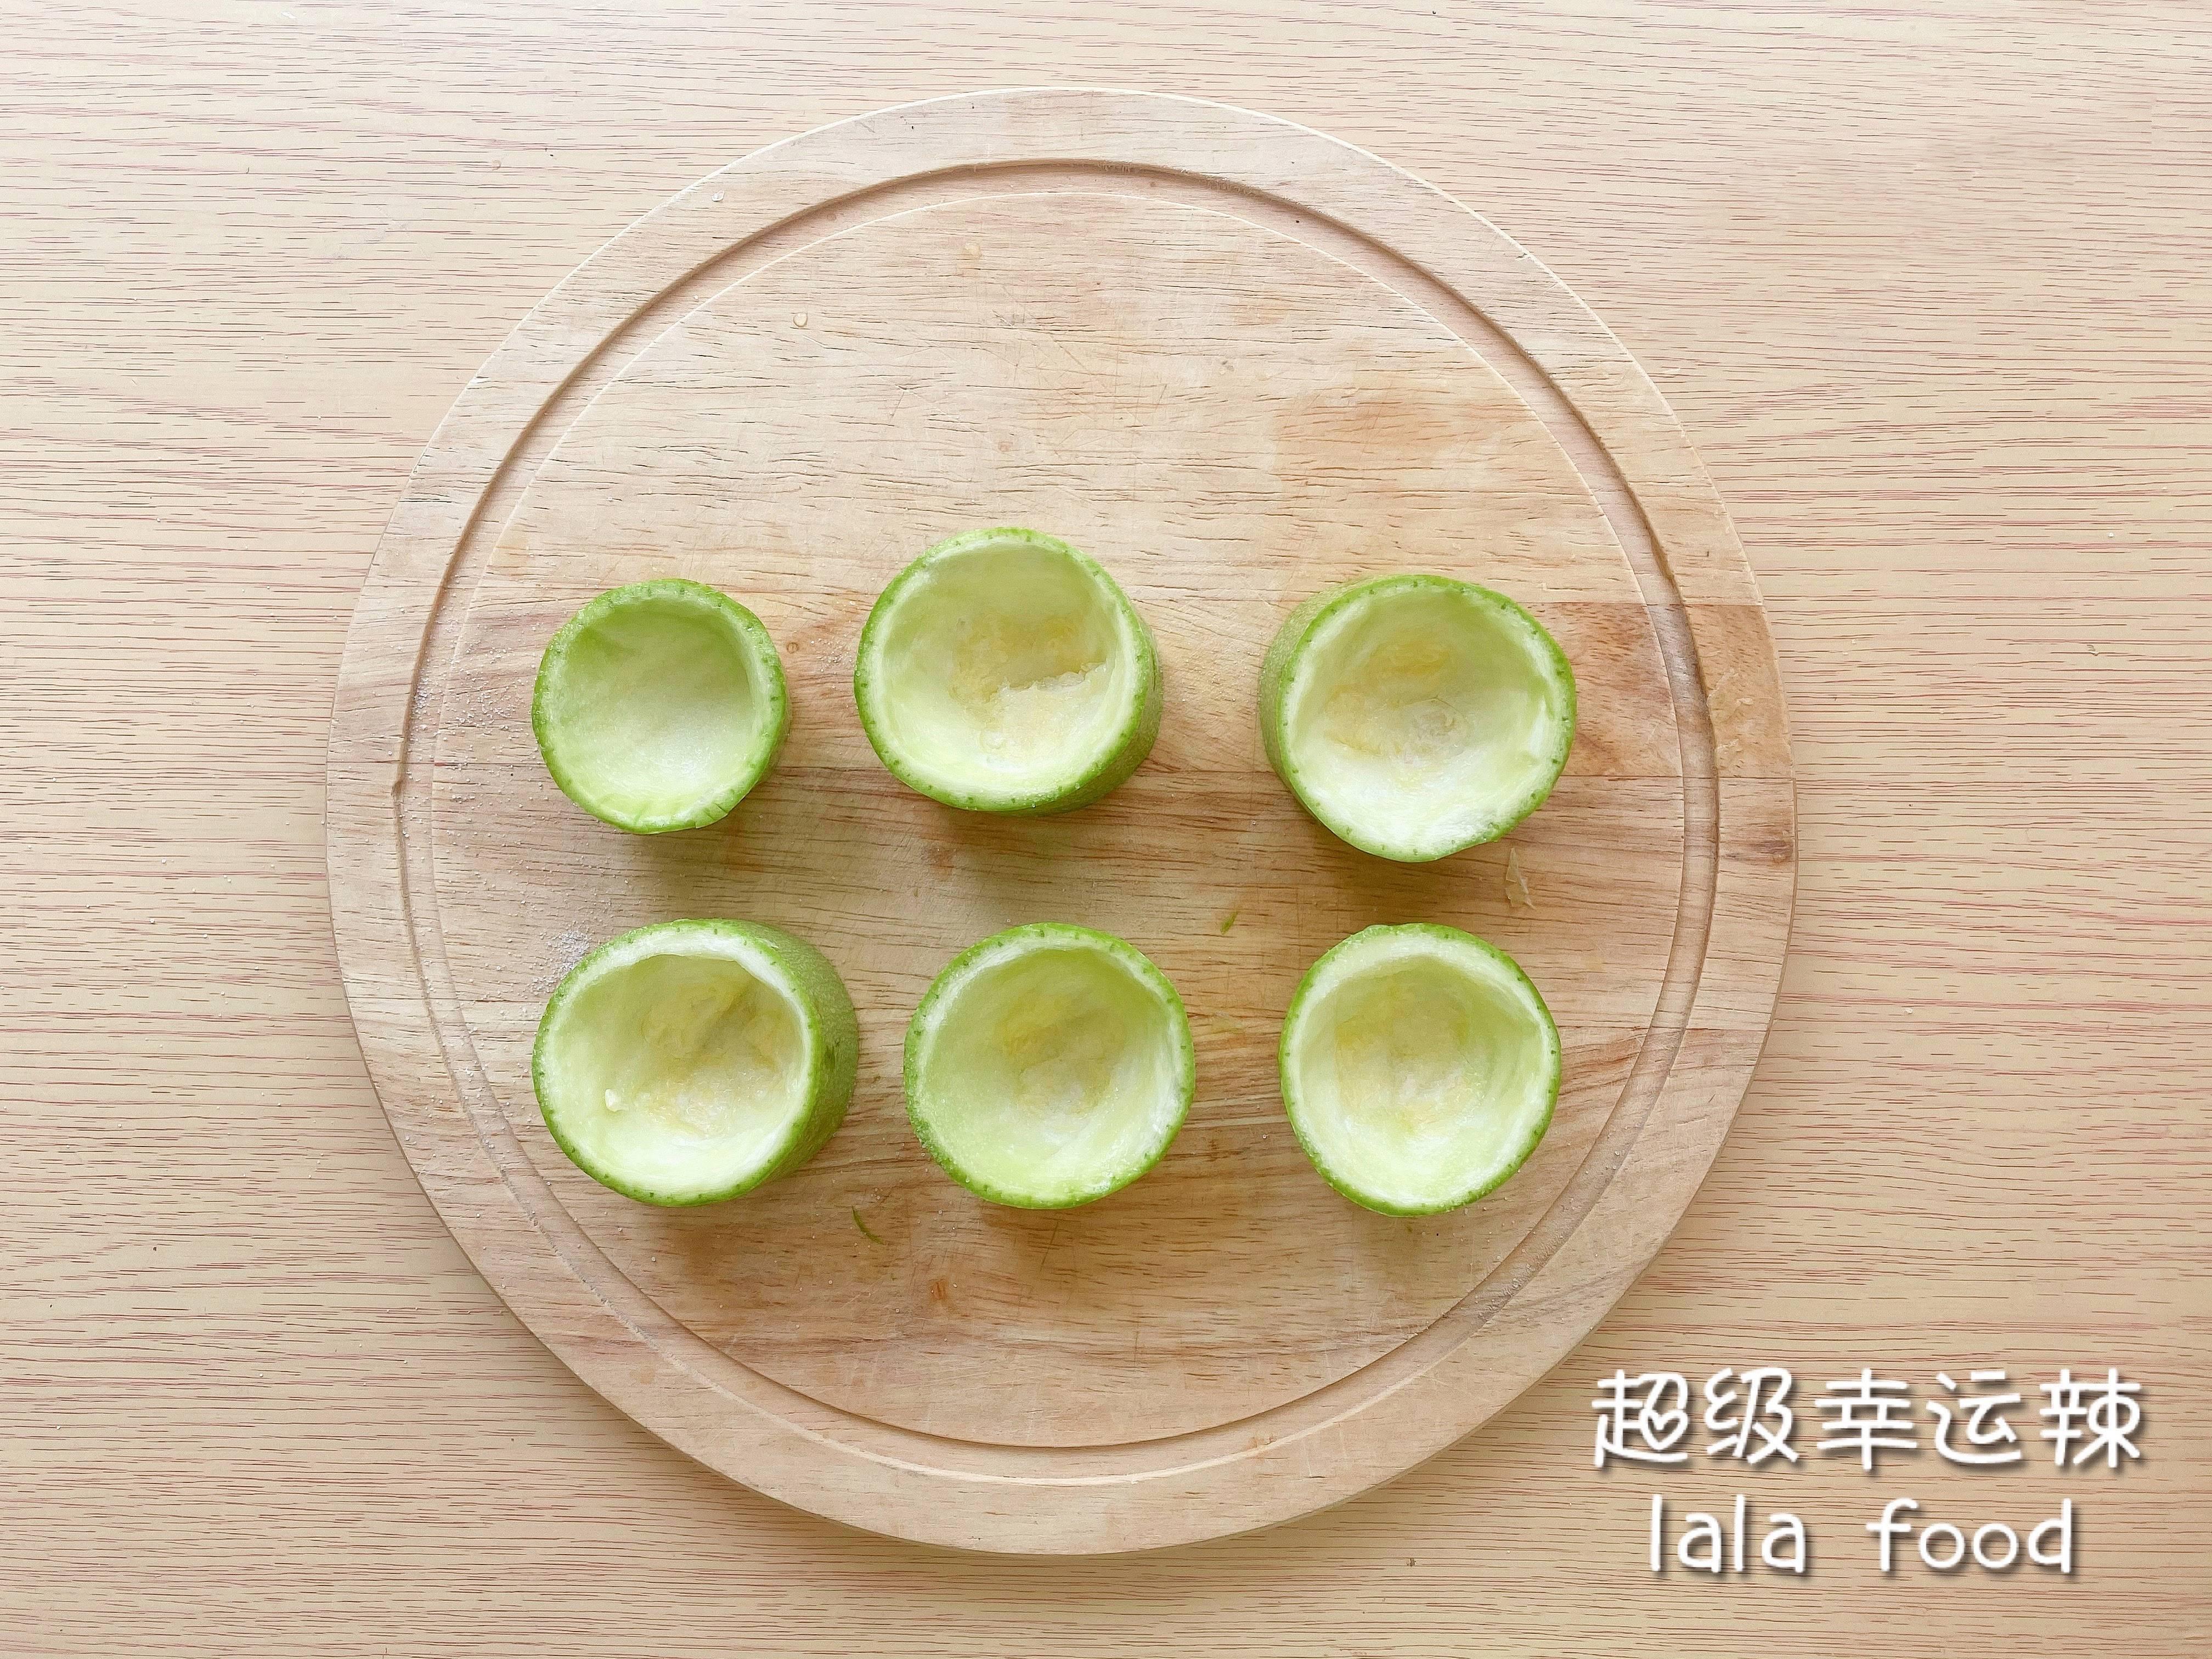 春季减肥餐🥗西葫芦低脂沙拉甜虾塔🍤的做法 步骤1